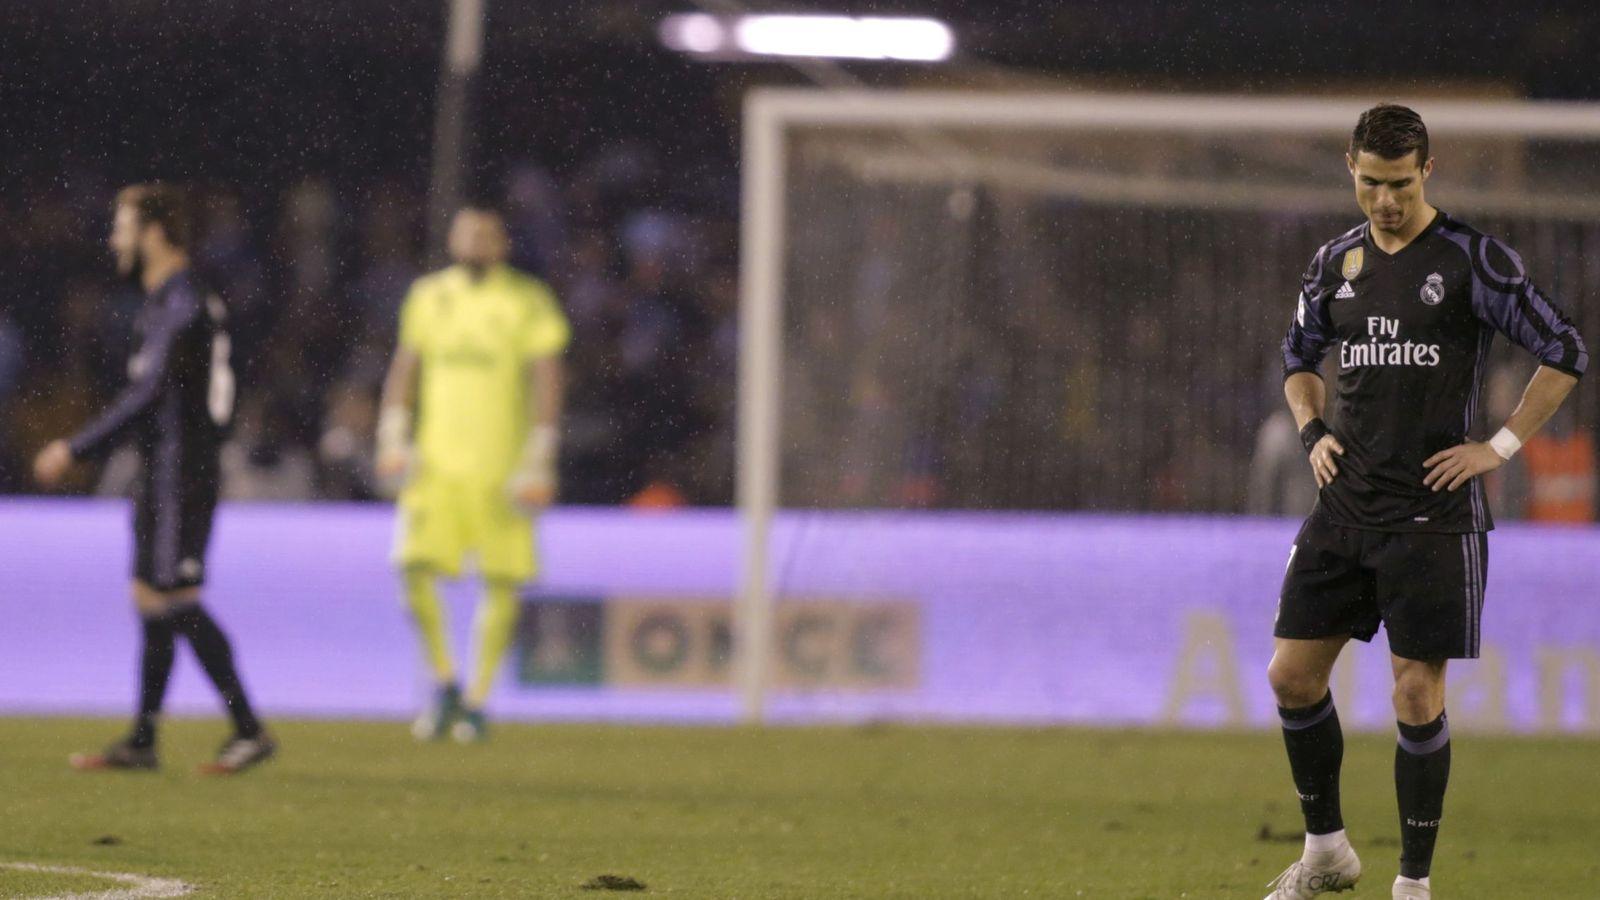 Foto: Cristiano, cabizbajo en Balaídos, donde el Real Madrid quedó eliminado de la Copa del Rey. (REUTERS)